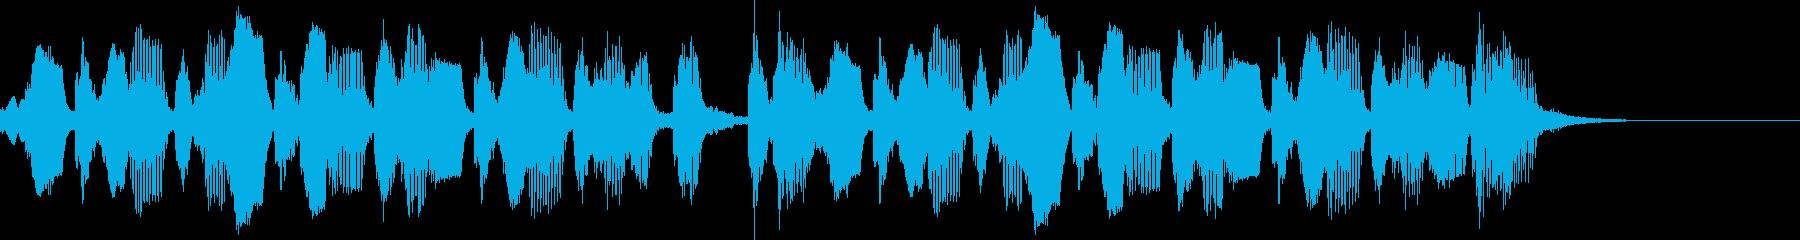 15秒CM/ほのぼのカワイイ子供や小動物の再生済みの波形